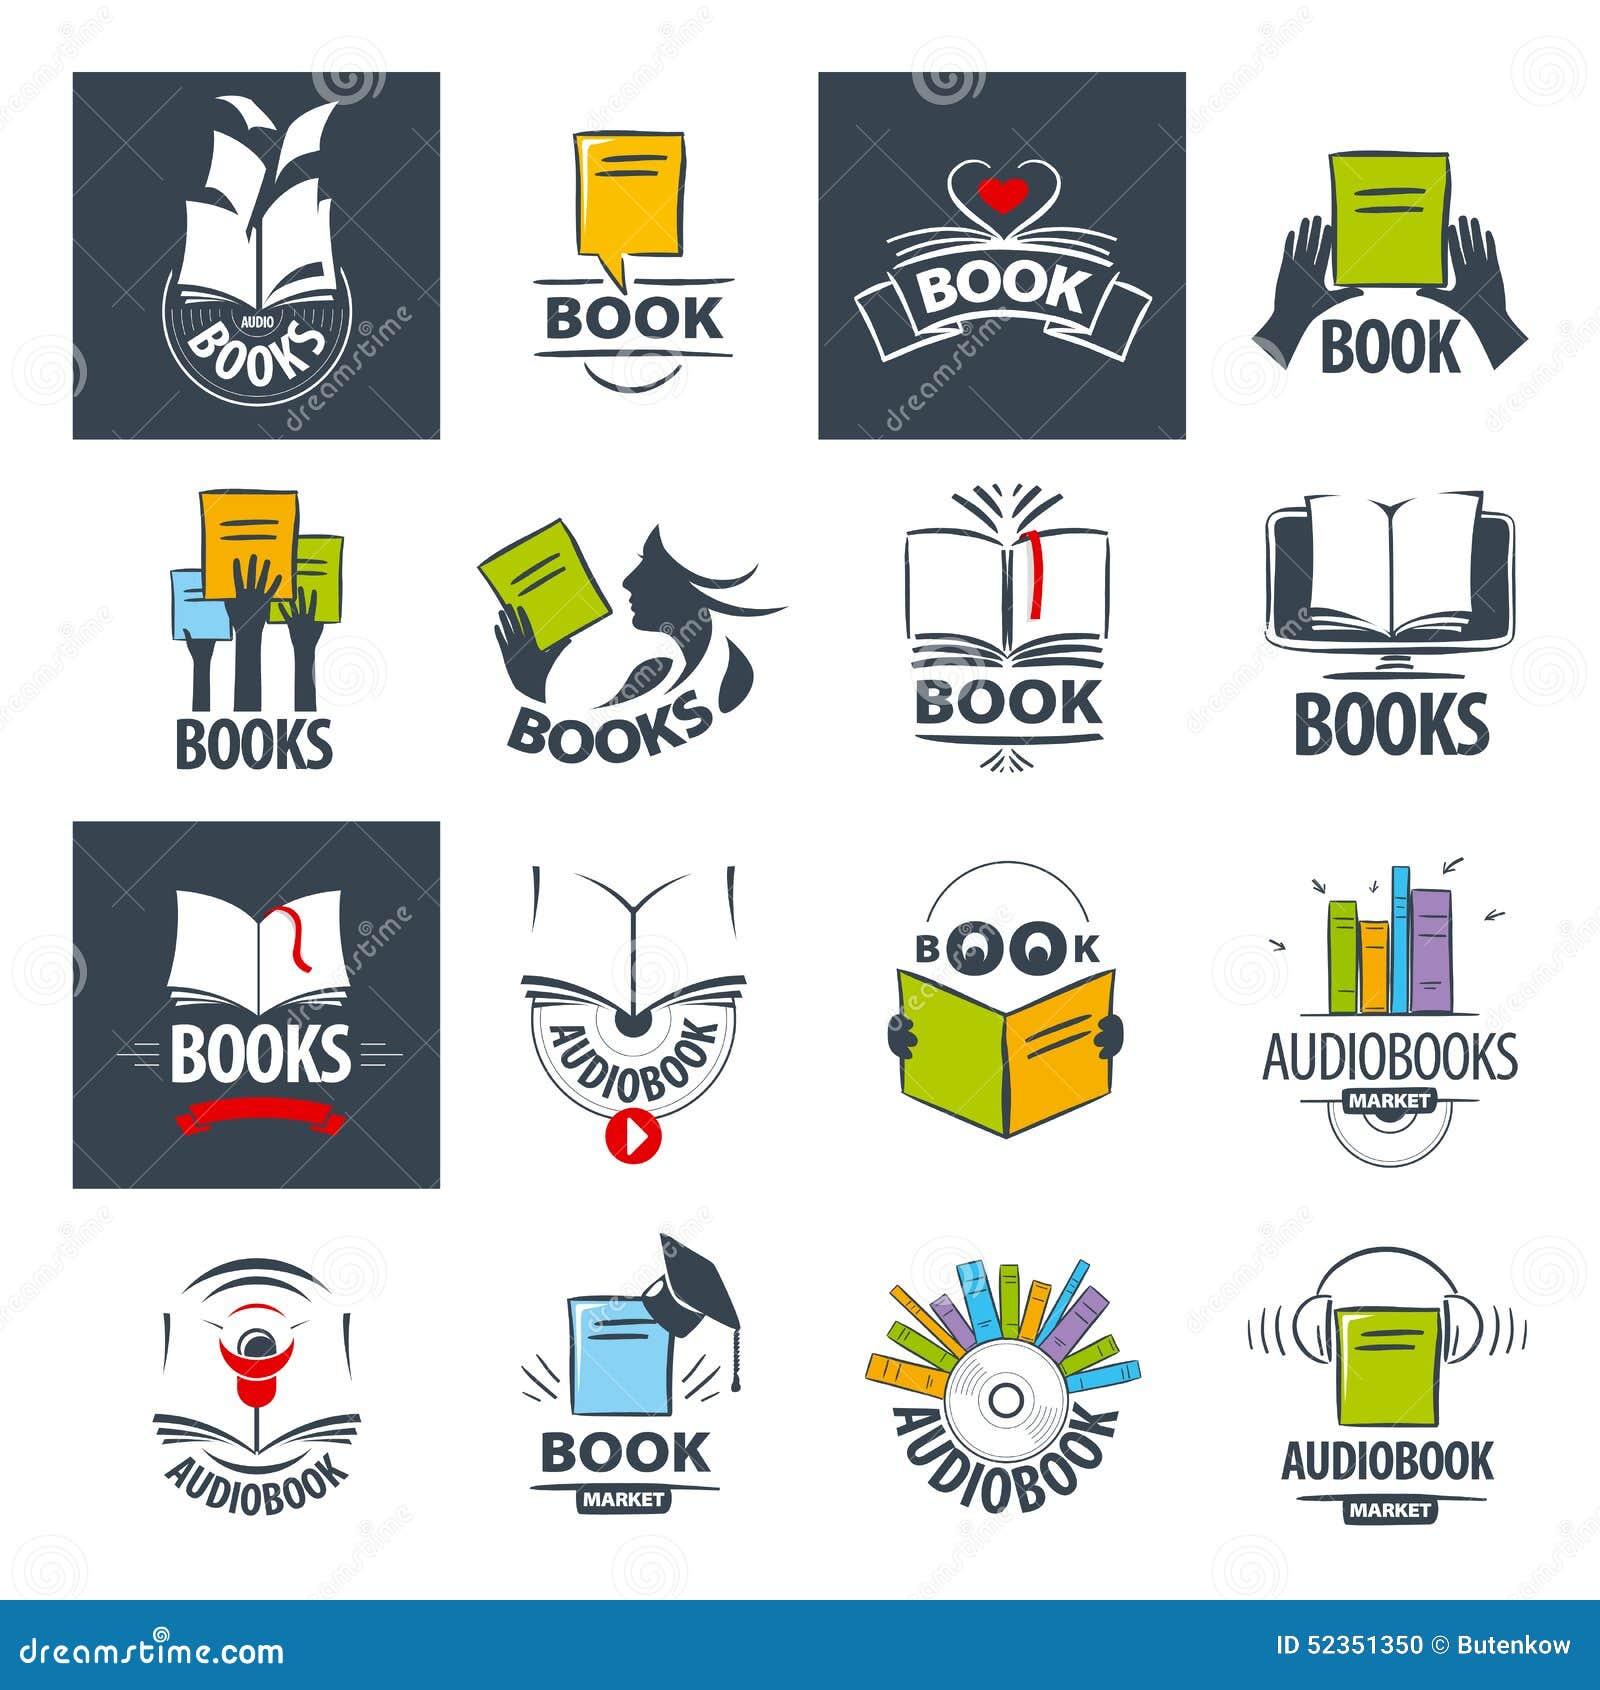 Book logos stock vector image 42714029 - Royalty Free Vector Books Collection Logos